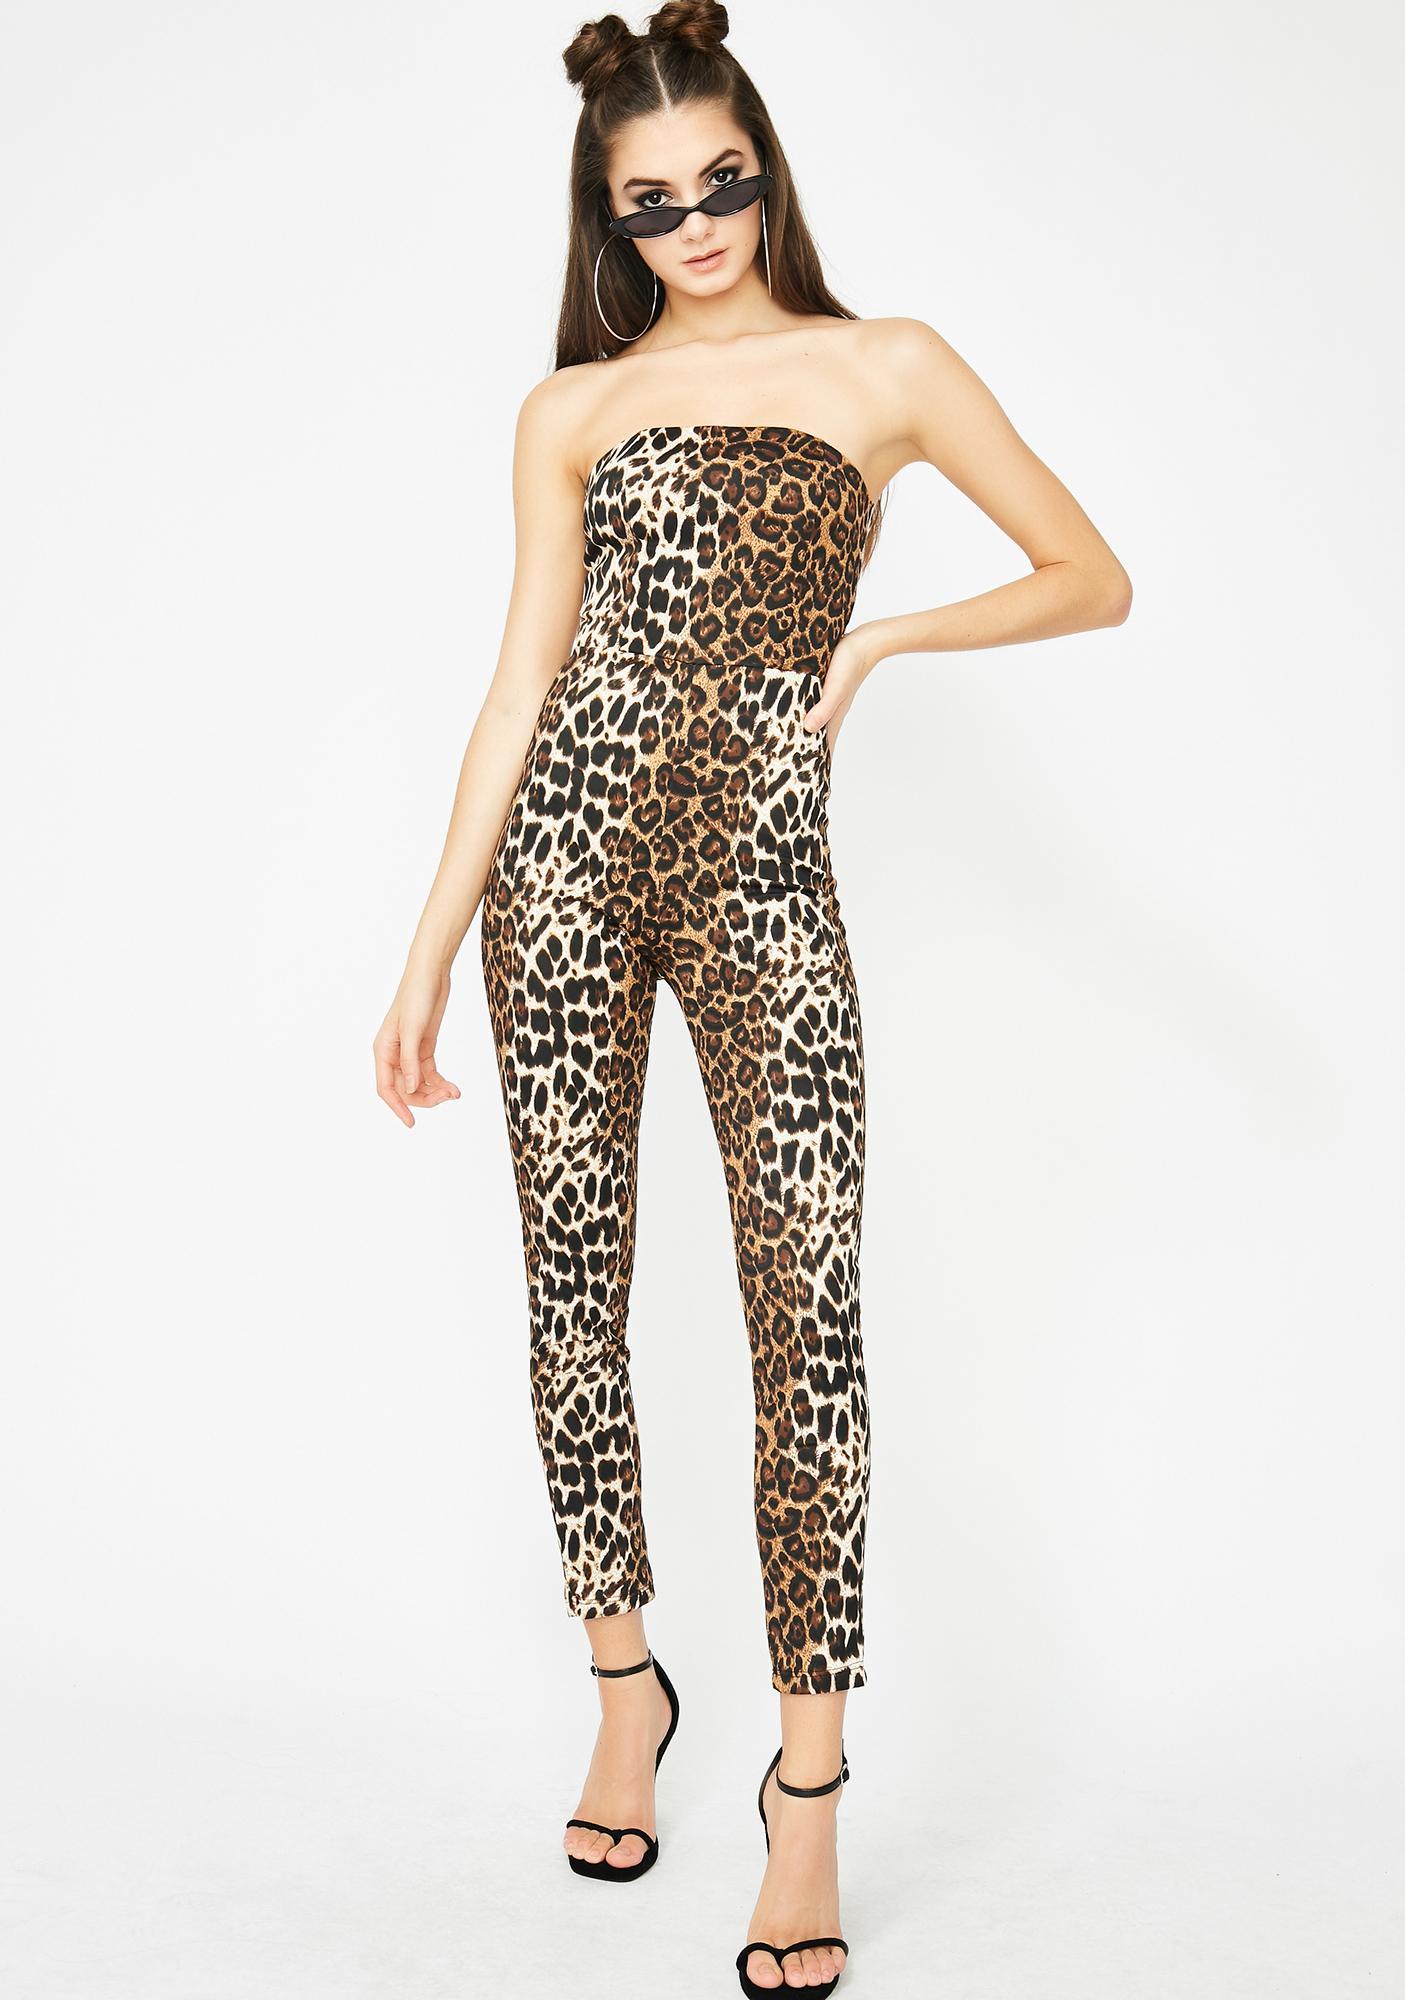 90e6ec916477 Leopard Strapless Lace Up Jumpsuit